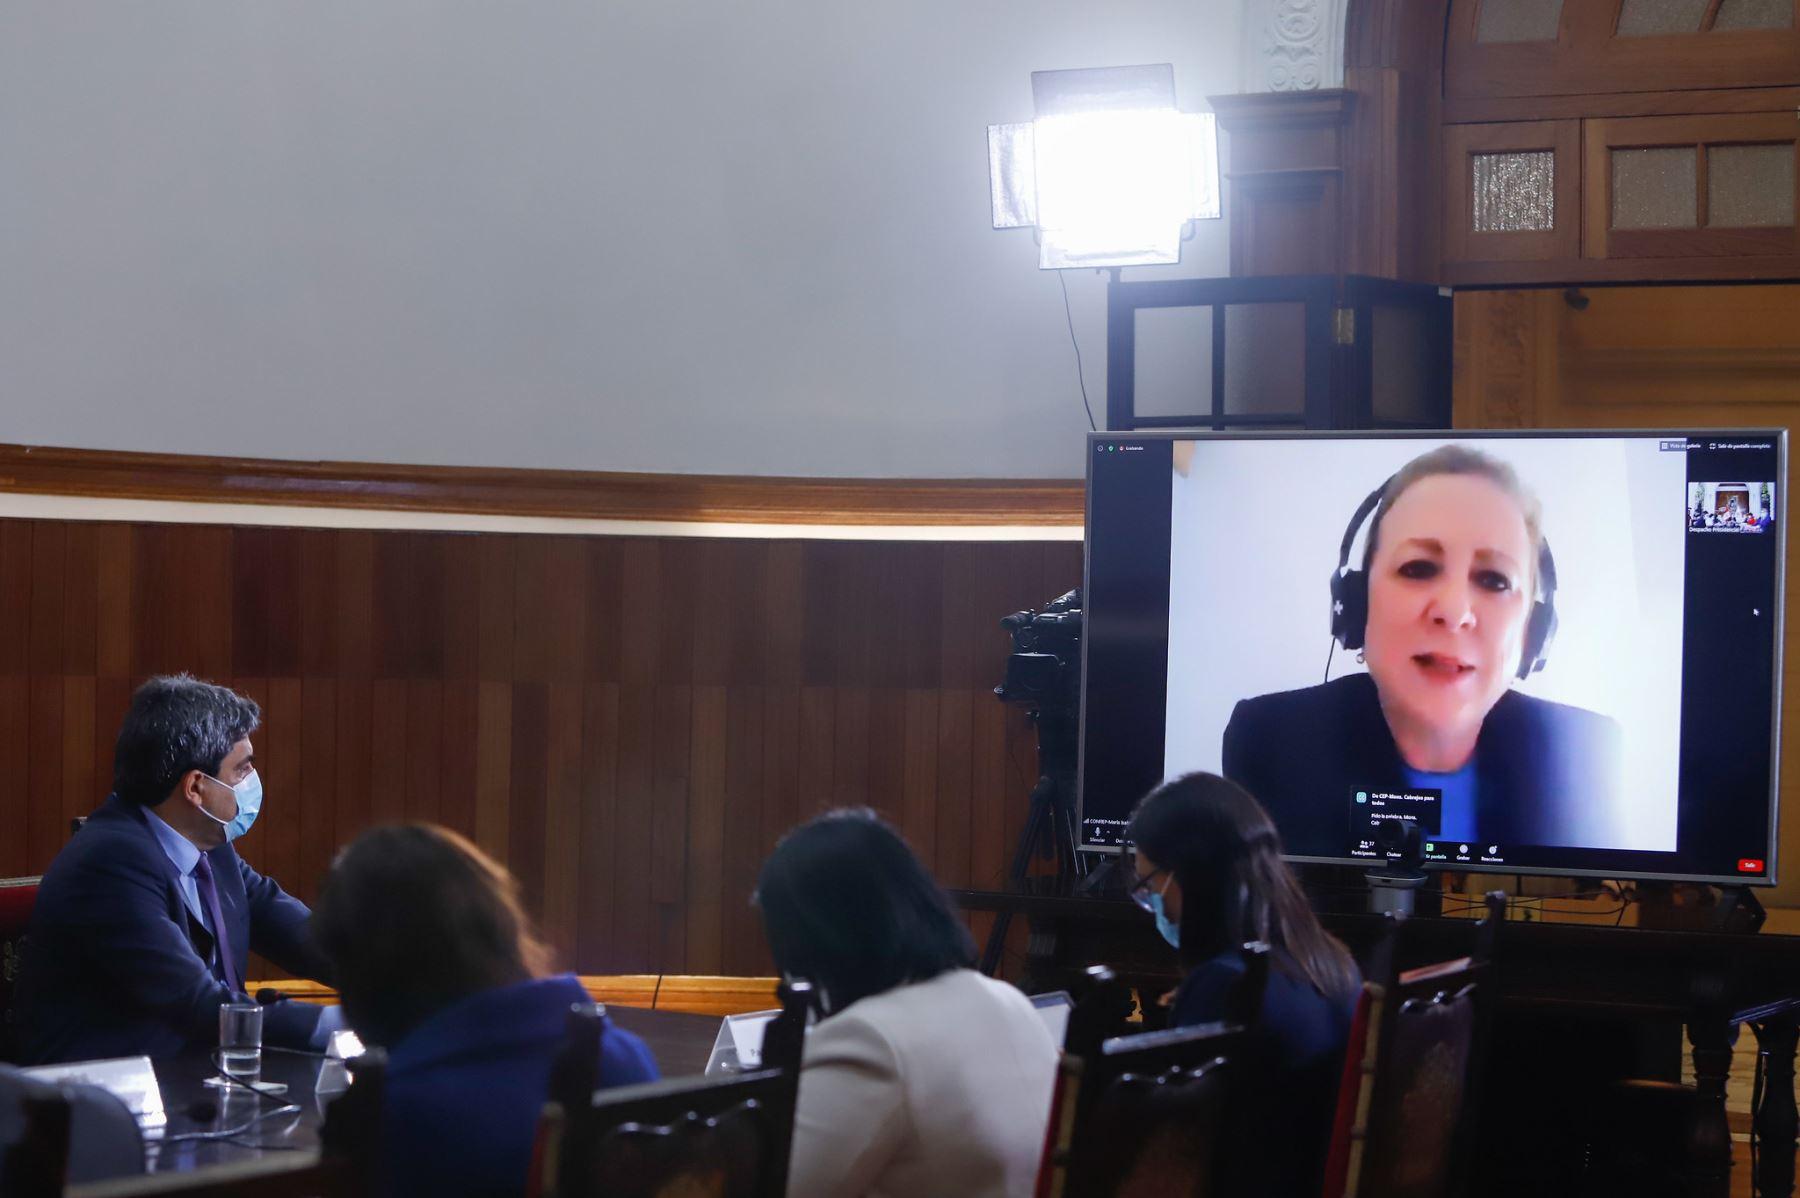 María Isabel León, presidenta de la Confie participa en reunión donde se exponen las propuestas del Pacto Perú. Foto: ANDINA/Prensa Presidencia